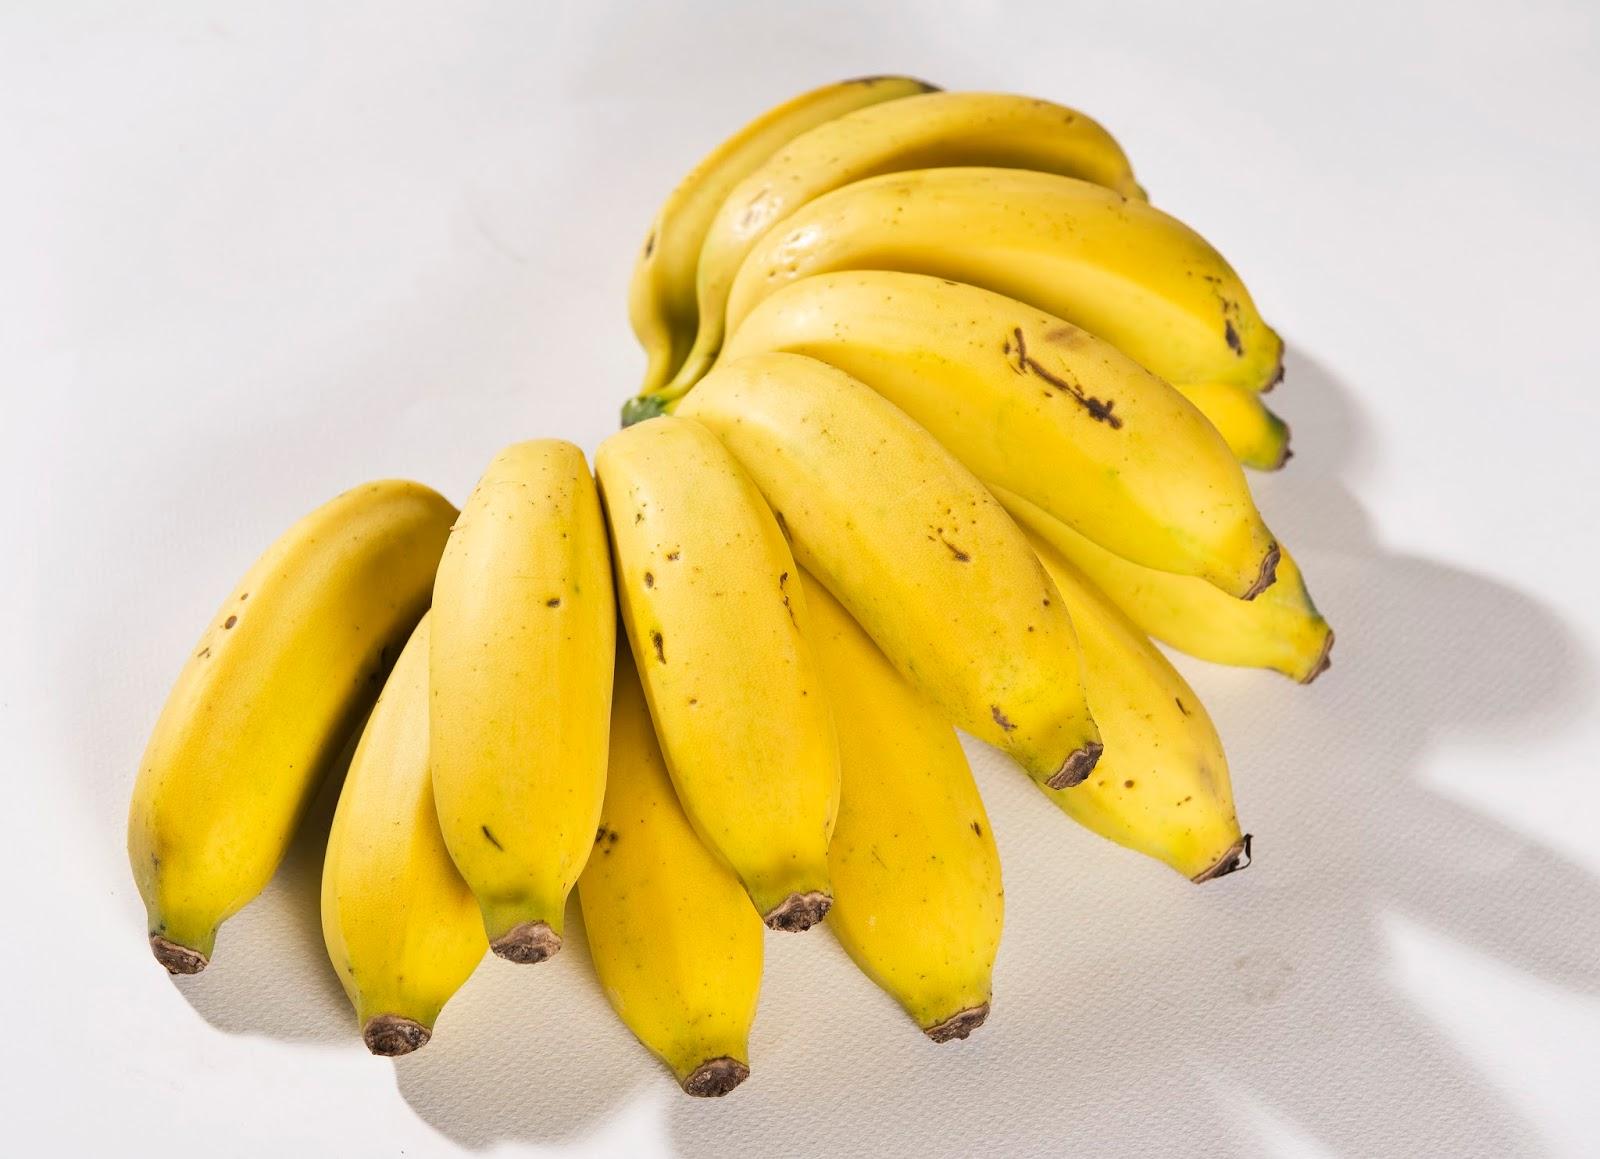 #Banana-maçã